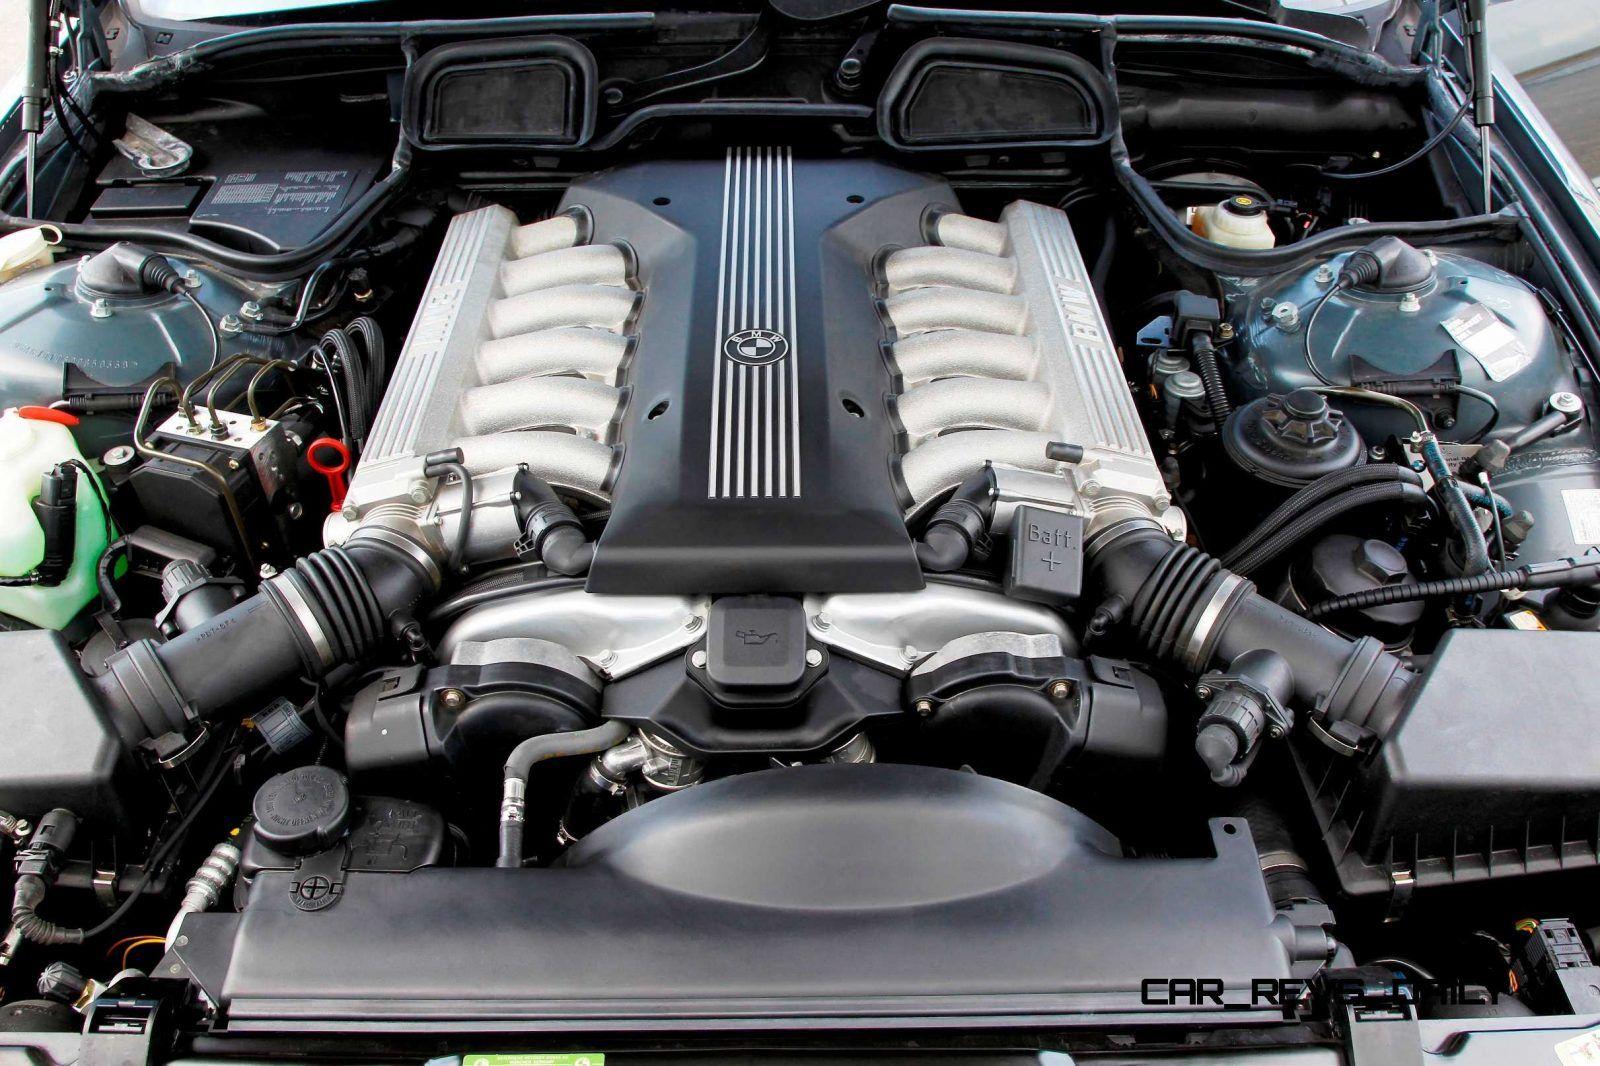 Bmw V12 Turns 25 Celebrating The Evolution Of The V12 Bmw 7 Series Car Revs Daily Com In 2021 Bmw V12 Bmw 7 Series Bmw E38